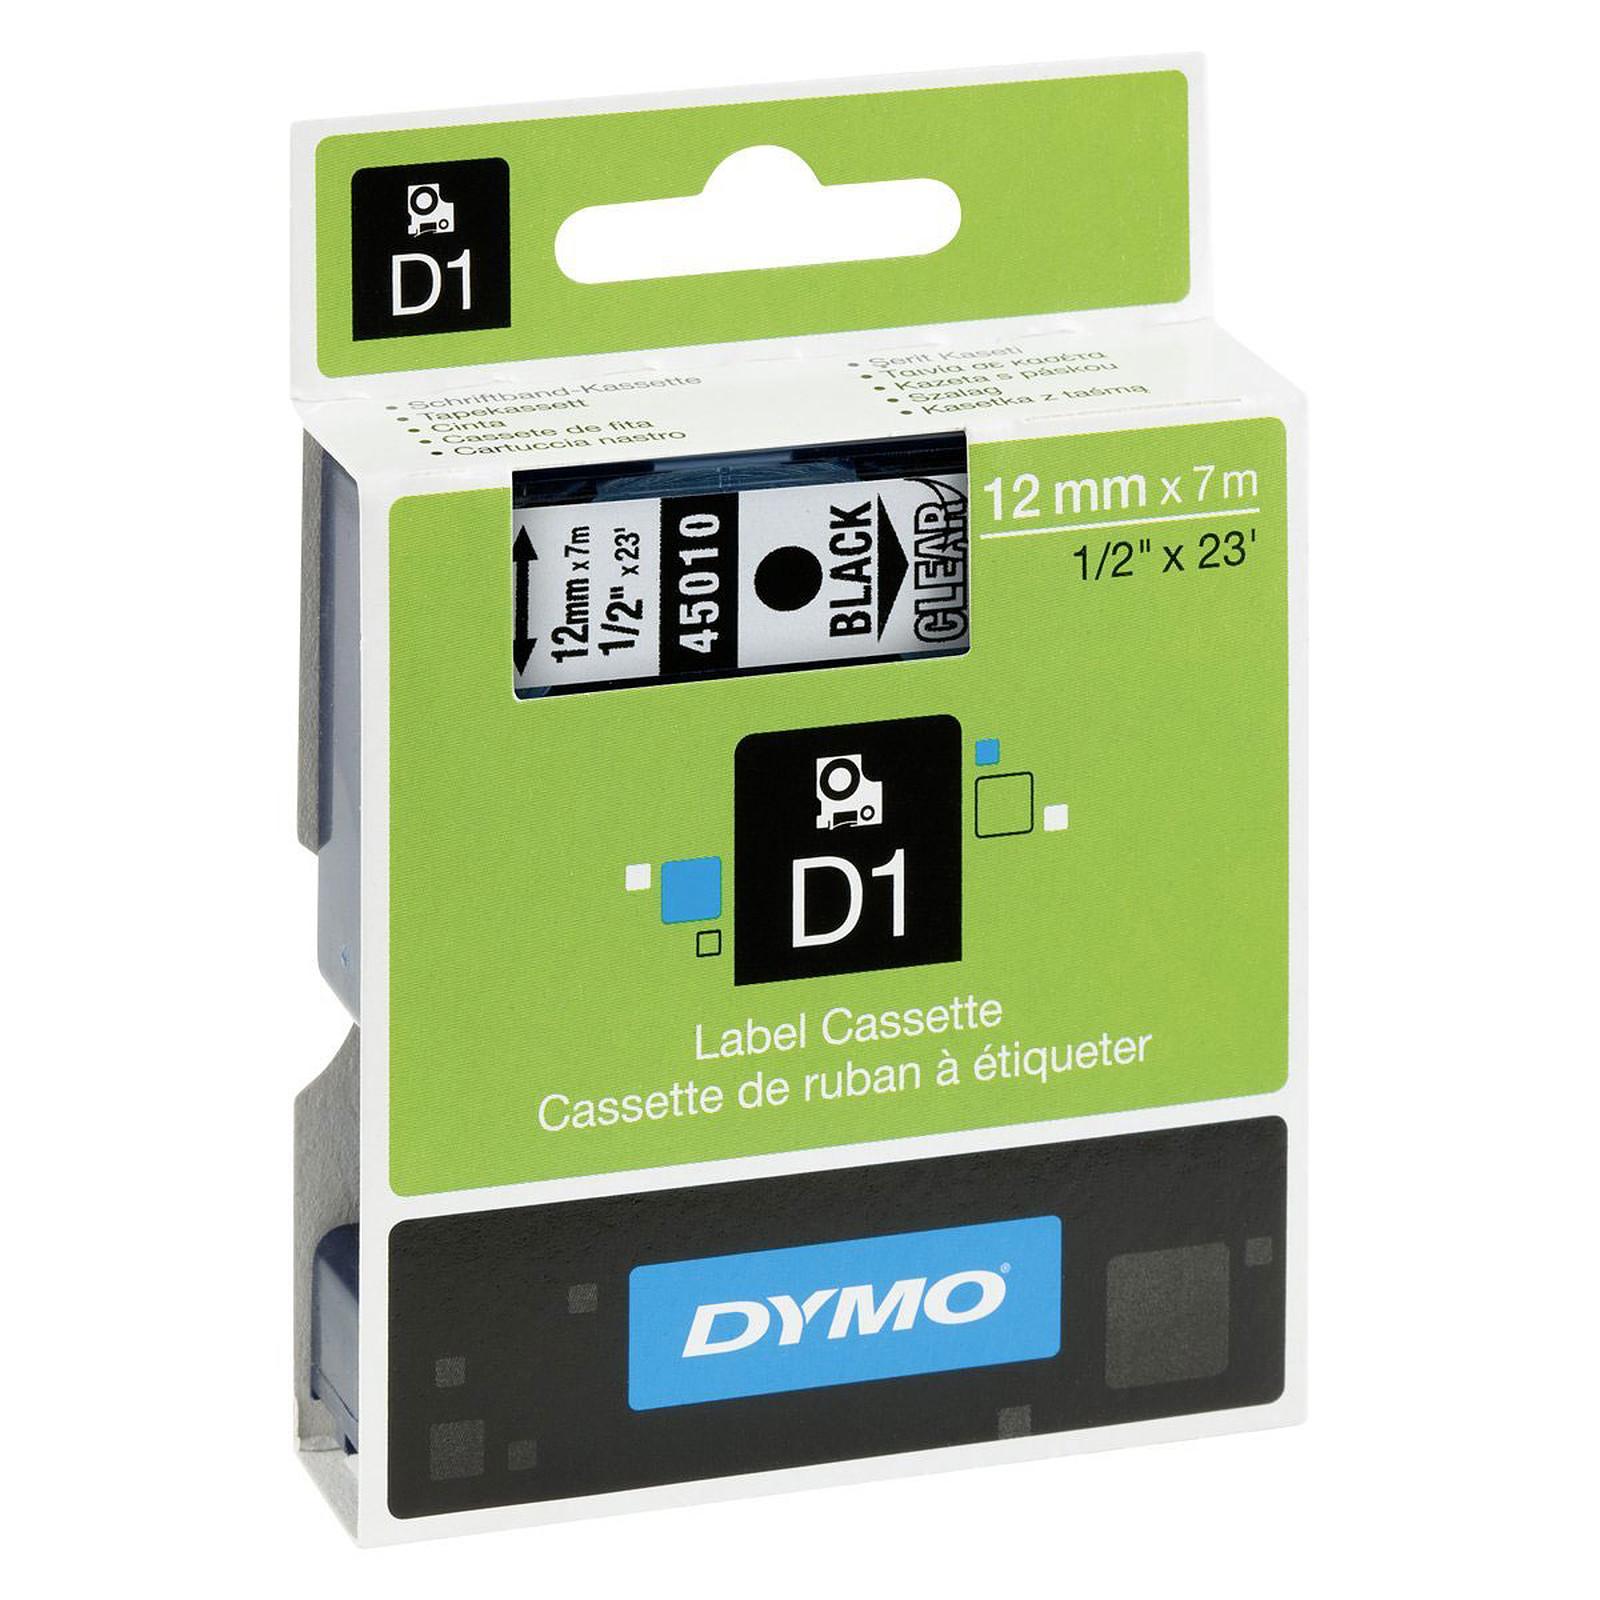 DYMO Ruban D1 Standard - noir/transparent 12 mm - 7 m